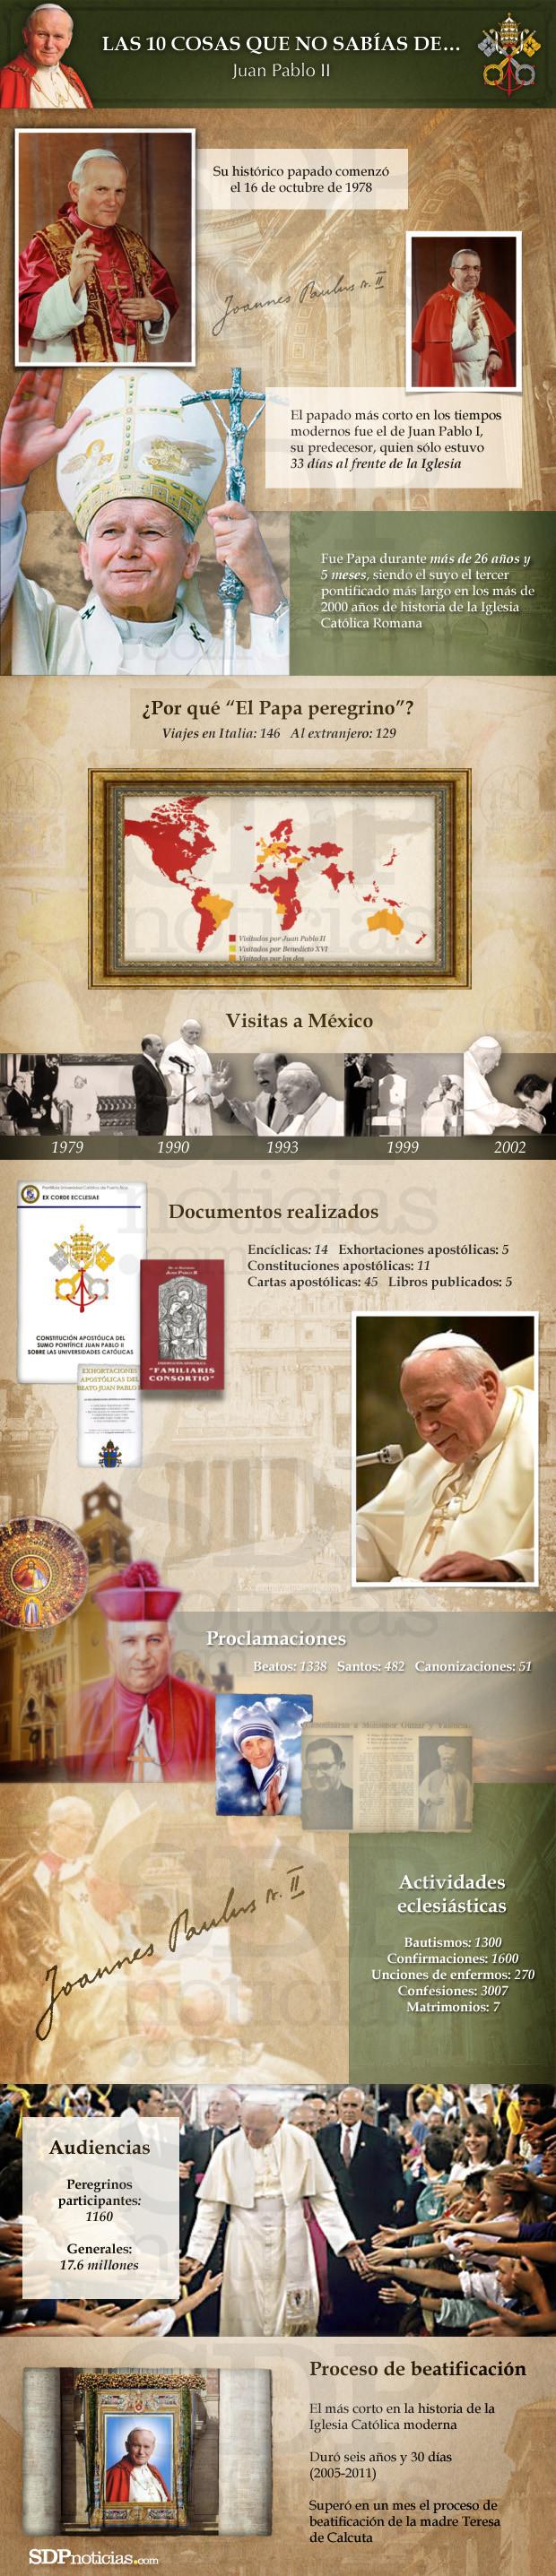 10 datos sobre Juan Pablo II